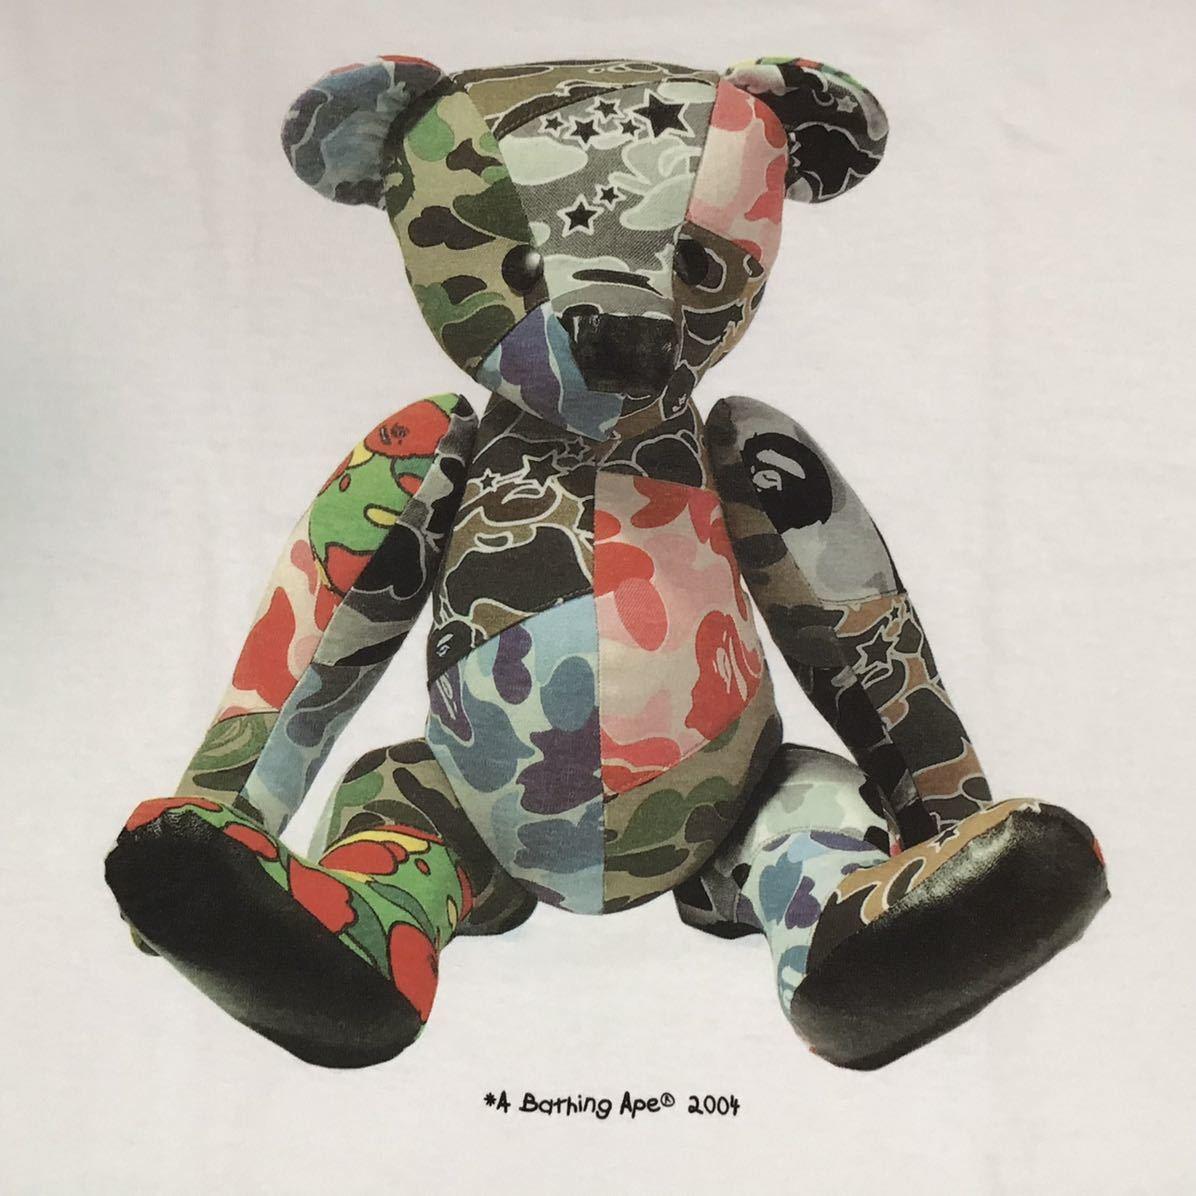 ★新品★ BAPE BEAR Tシャツ Lサイズ a bathing ape エイプ ベイプ アベイシングエイプ teddy bear psyche camo ABC camo 2004 d5